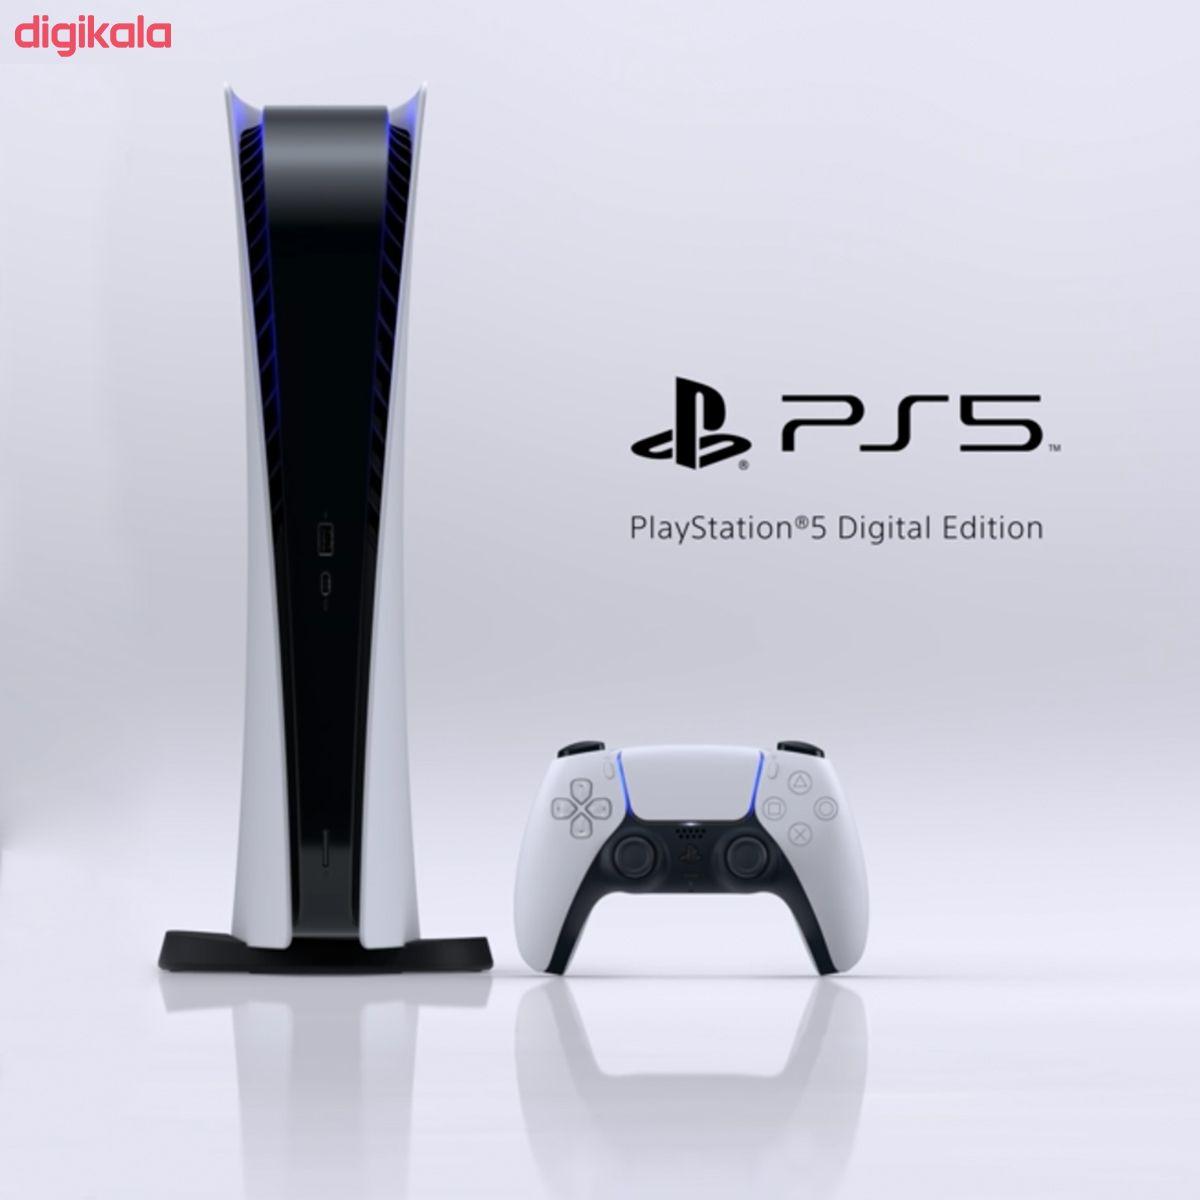 مجموعه کنسول بازی سونی مدل PlayStatio 5 Digital Edition ظرفیت 825 گیگابایت به همراه دسته اضافی main 1 5